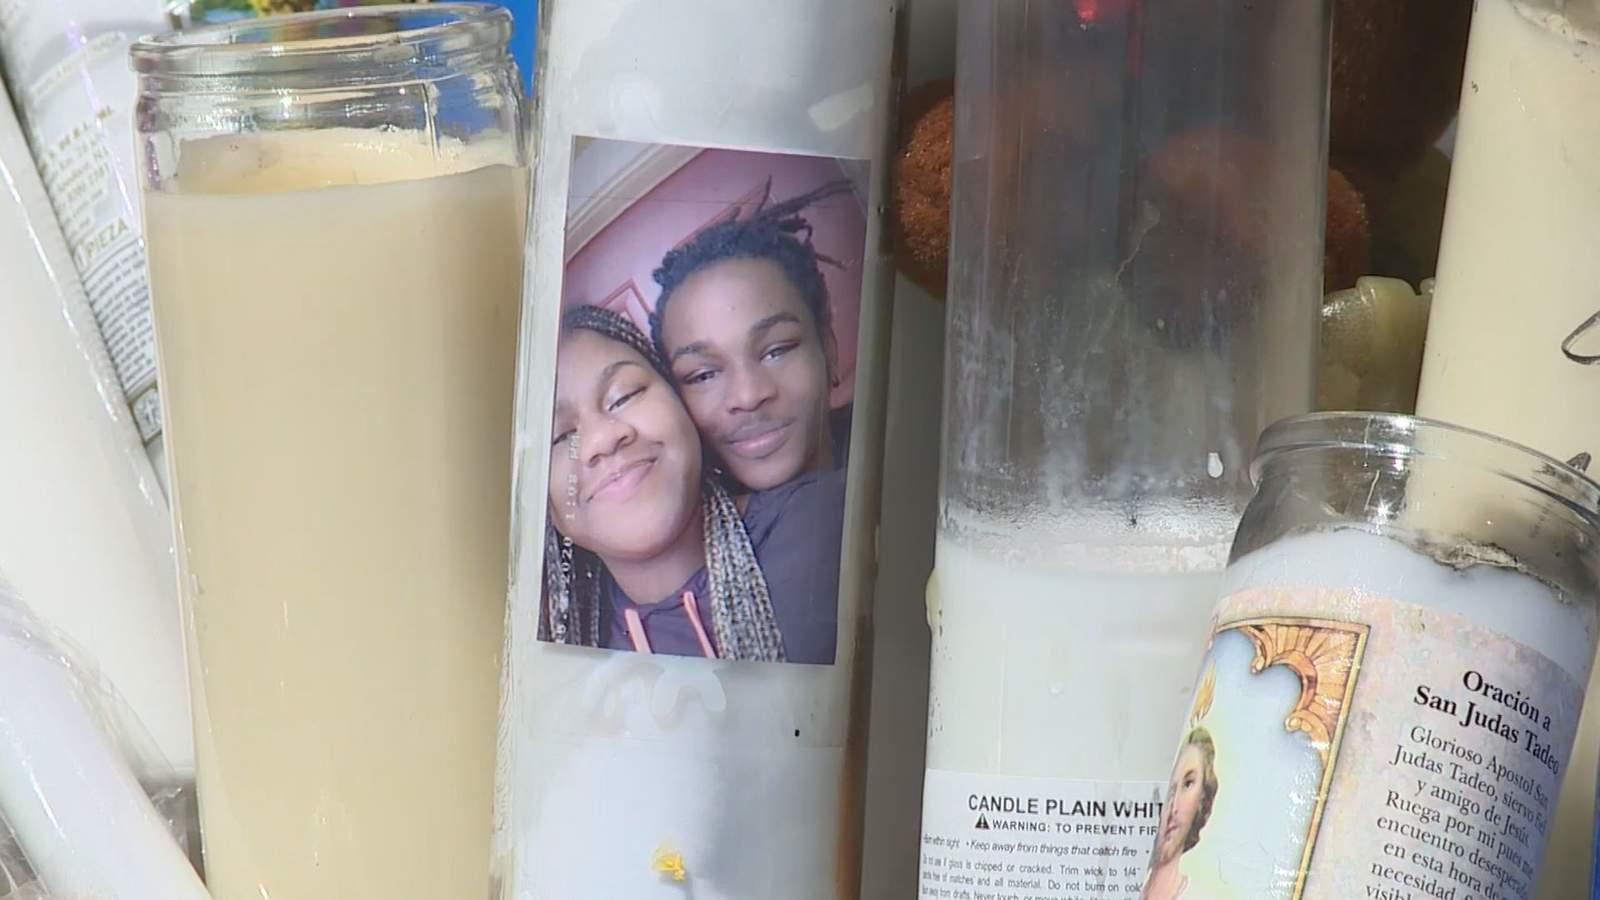 La comunidad busca respuestas para la muerte prematura de un adolescente de Houston disparado, asesinado mientras esperaba el autobús 9